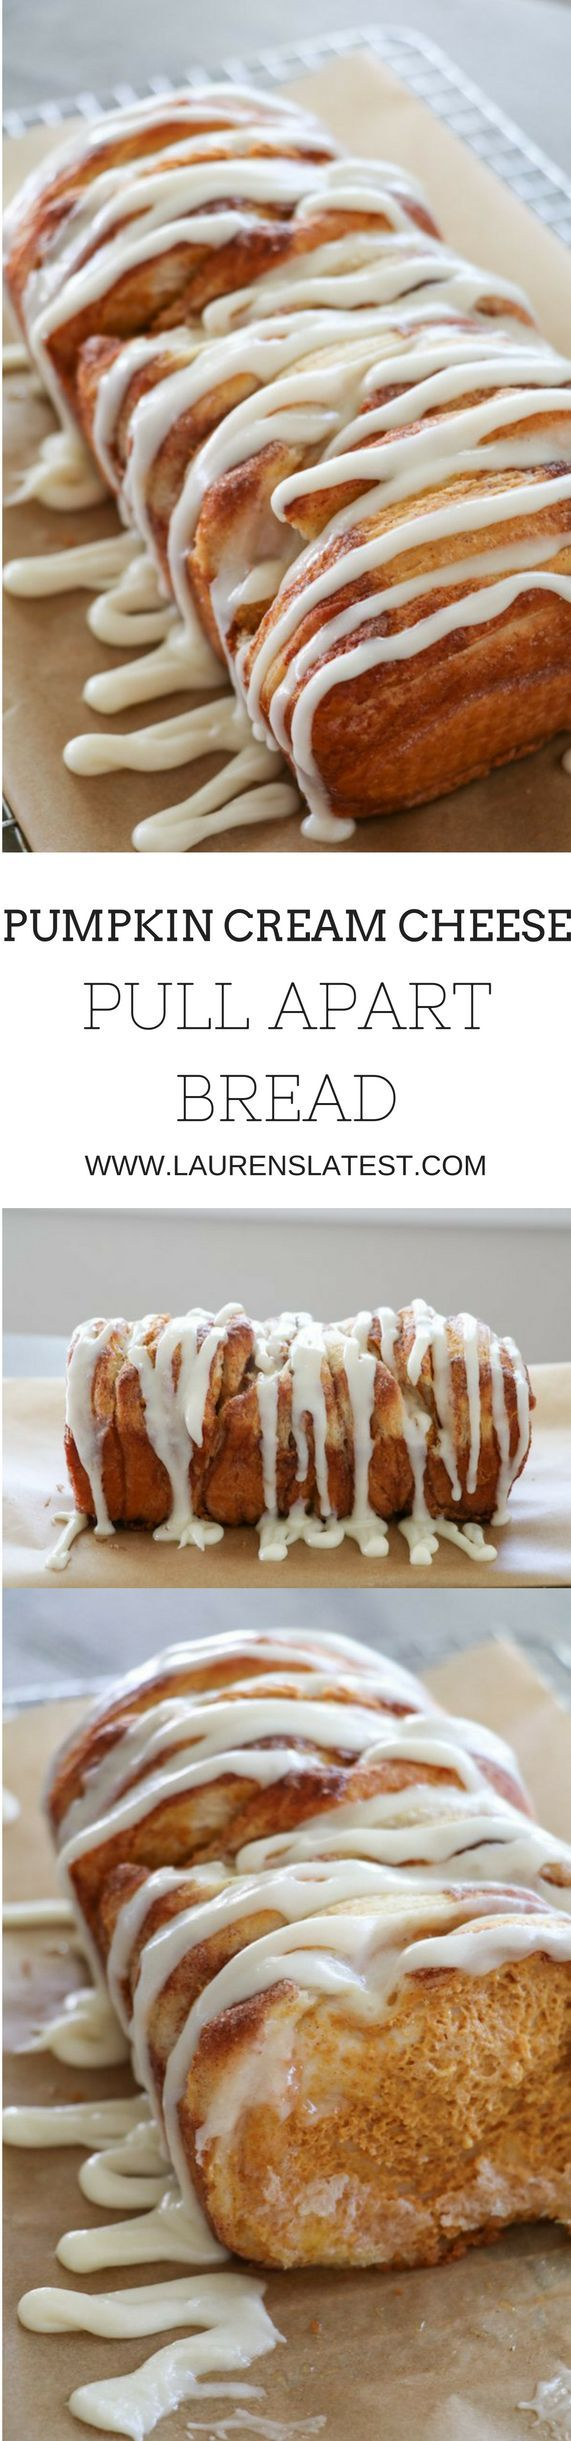 Pumpkin Cream Cheese Pull Apart Bread!! Holy dreamy and easy batman!: